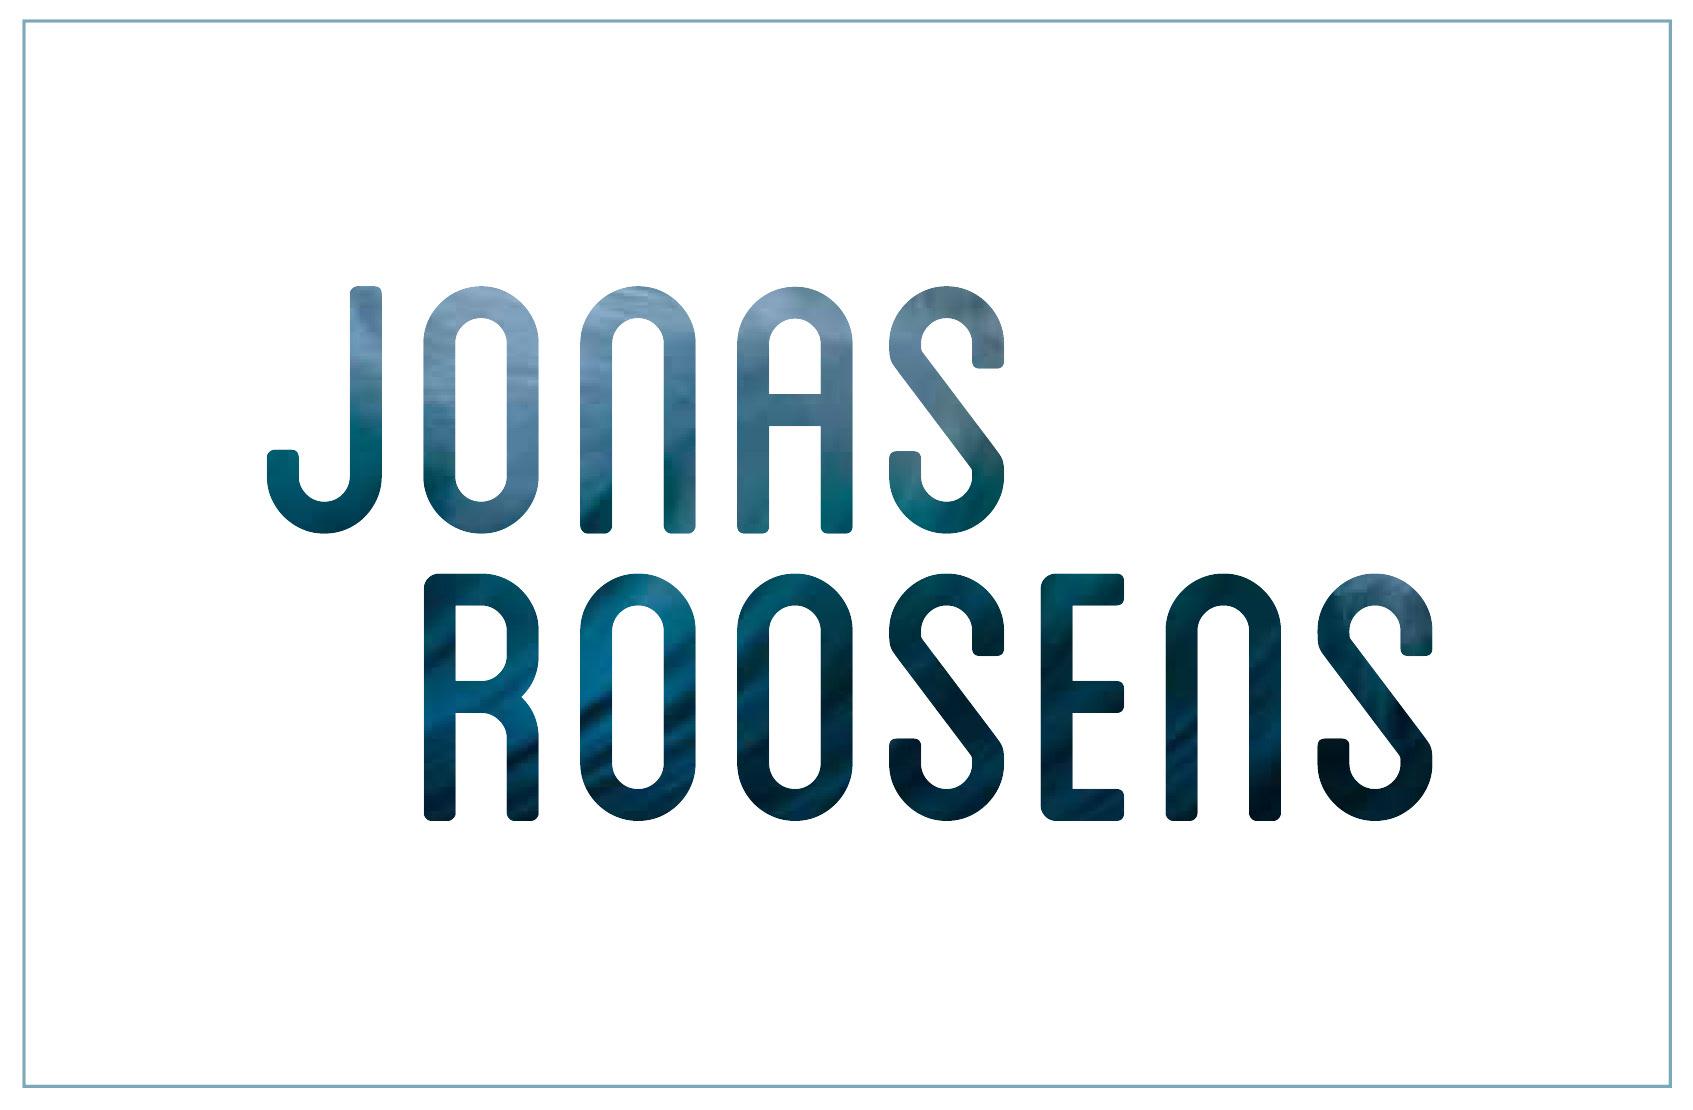 Jonas Roosens